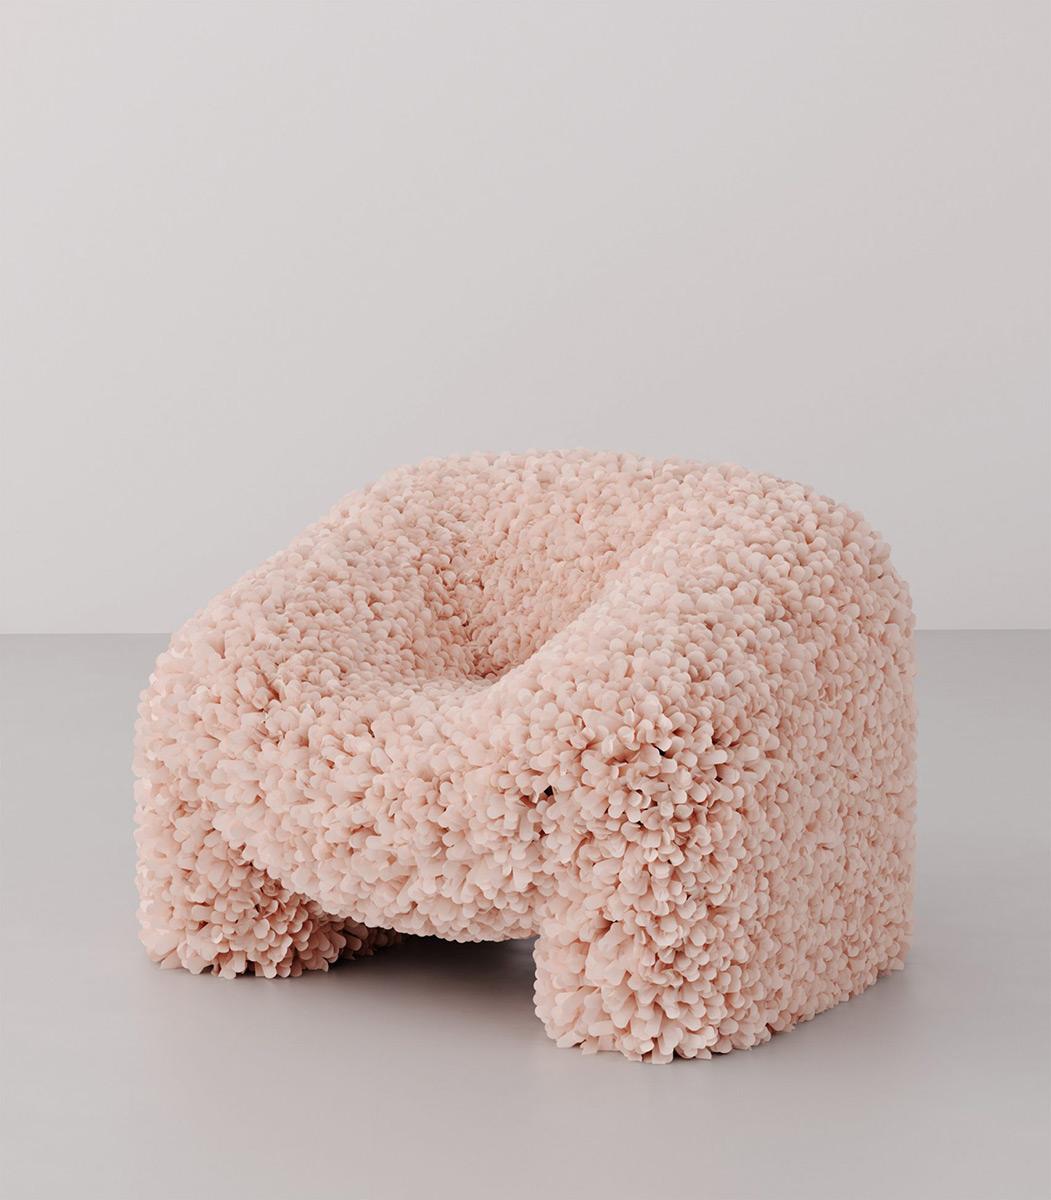 Silla-Hortensia-Andres-Reisinger-02